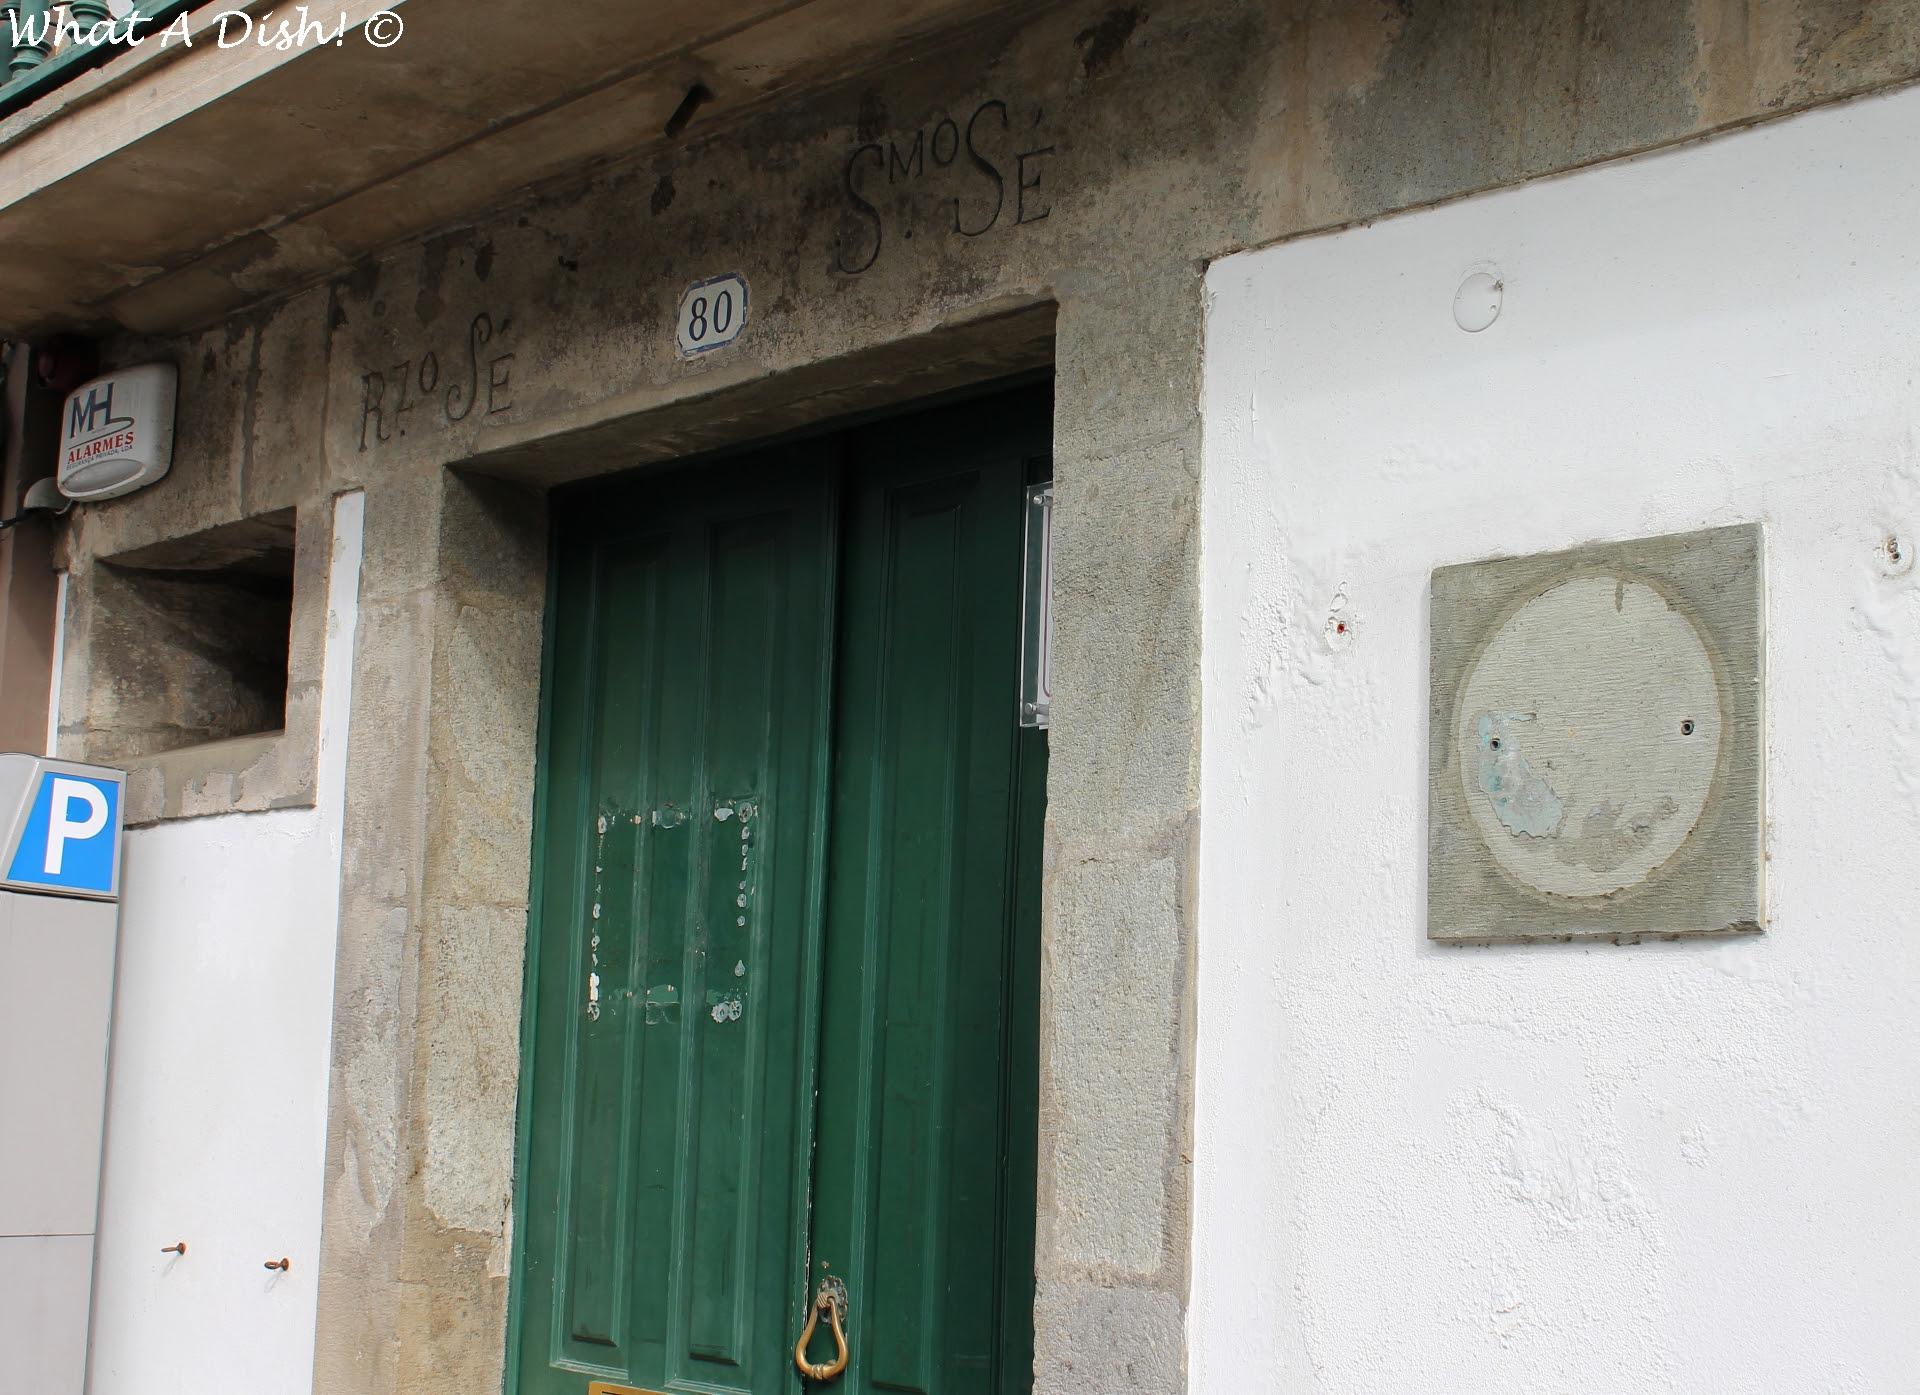 Fave restaurant gone :(